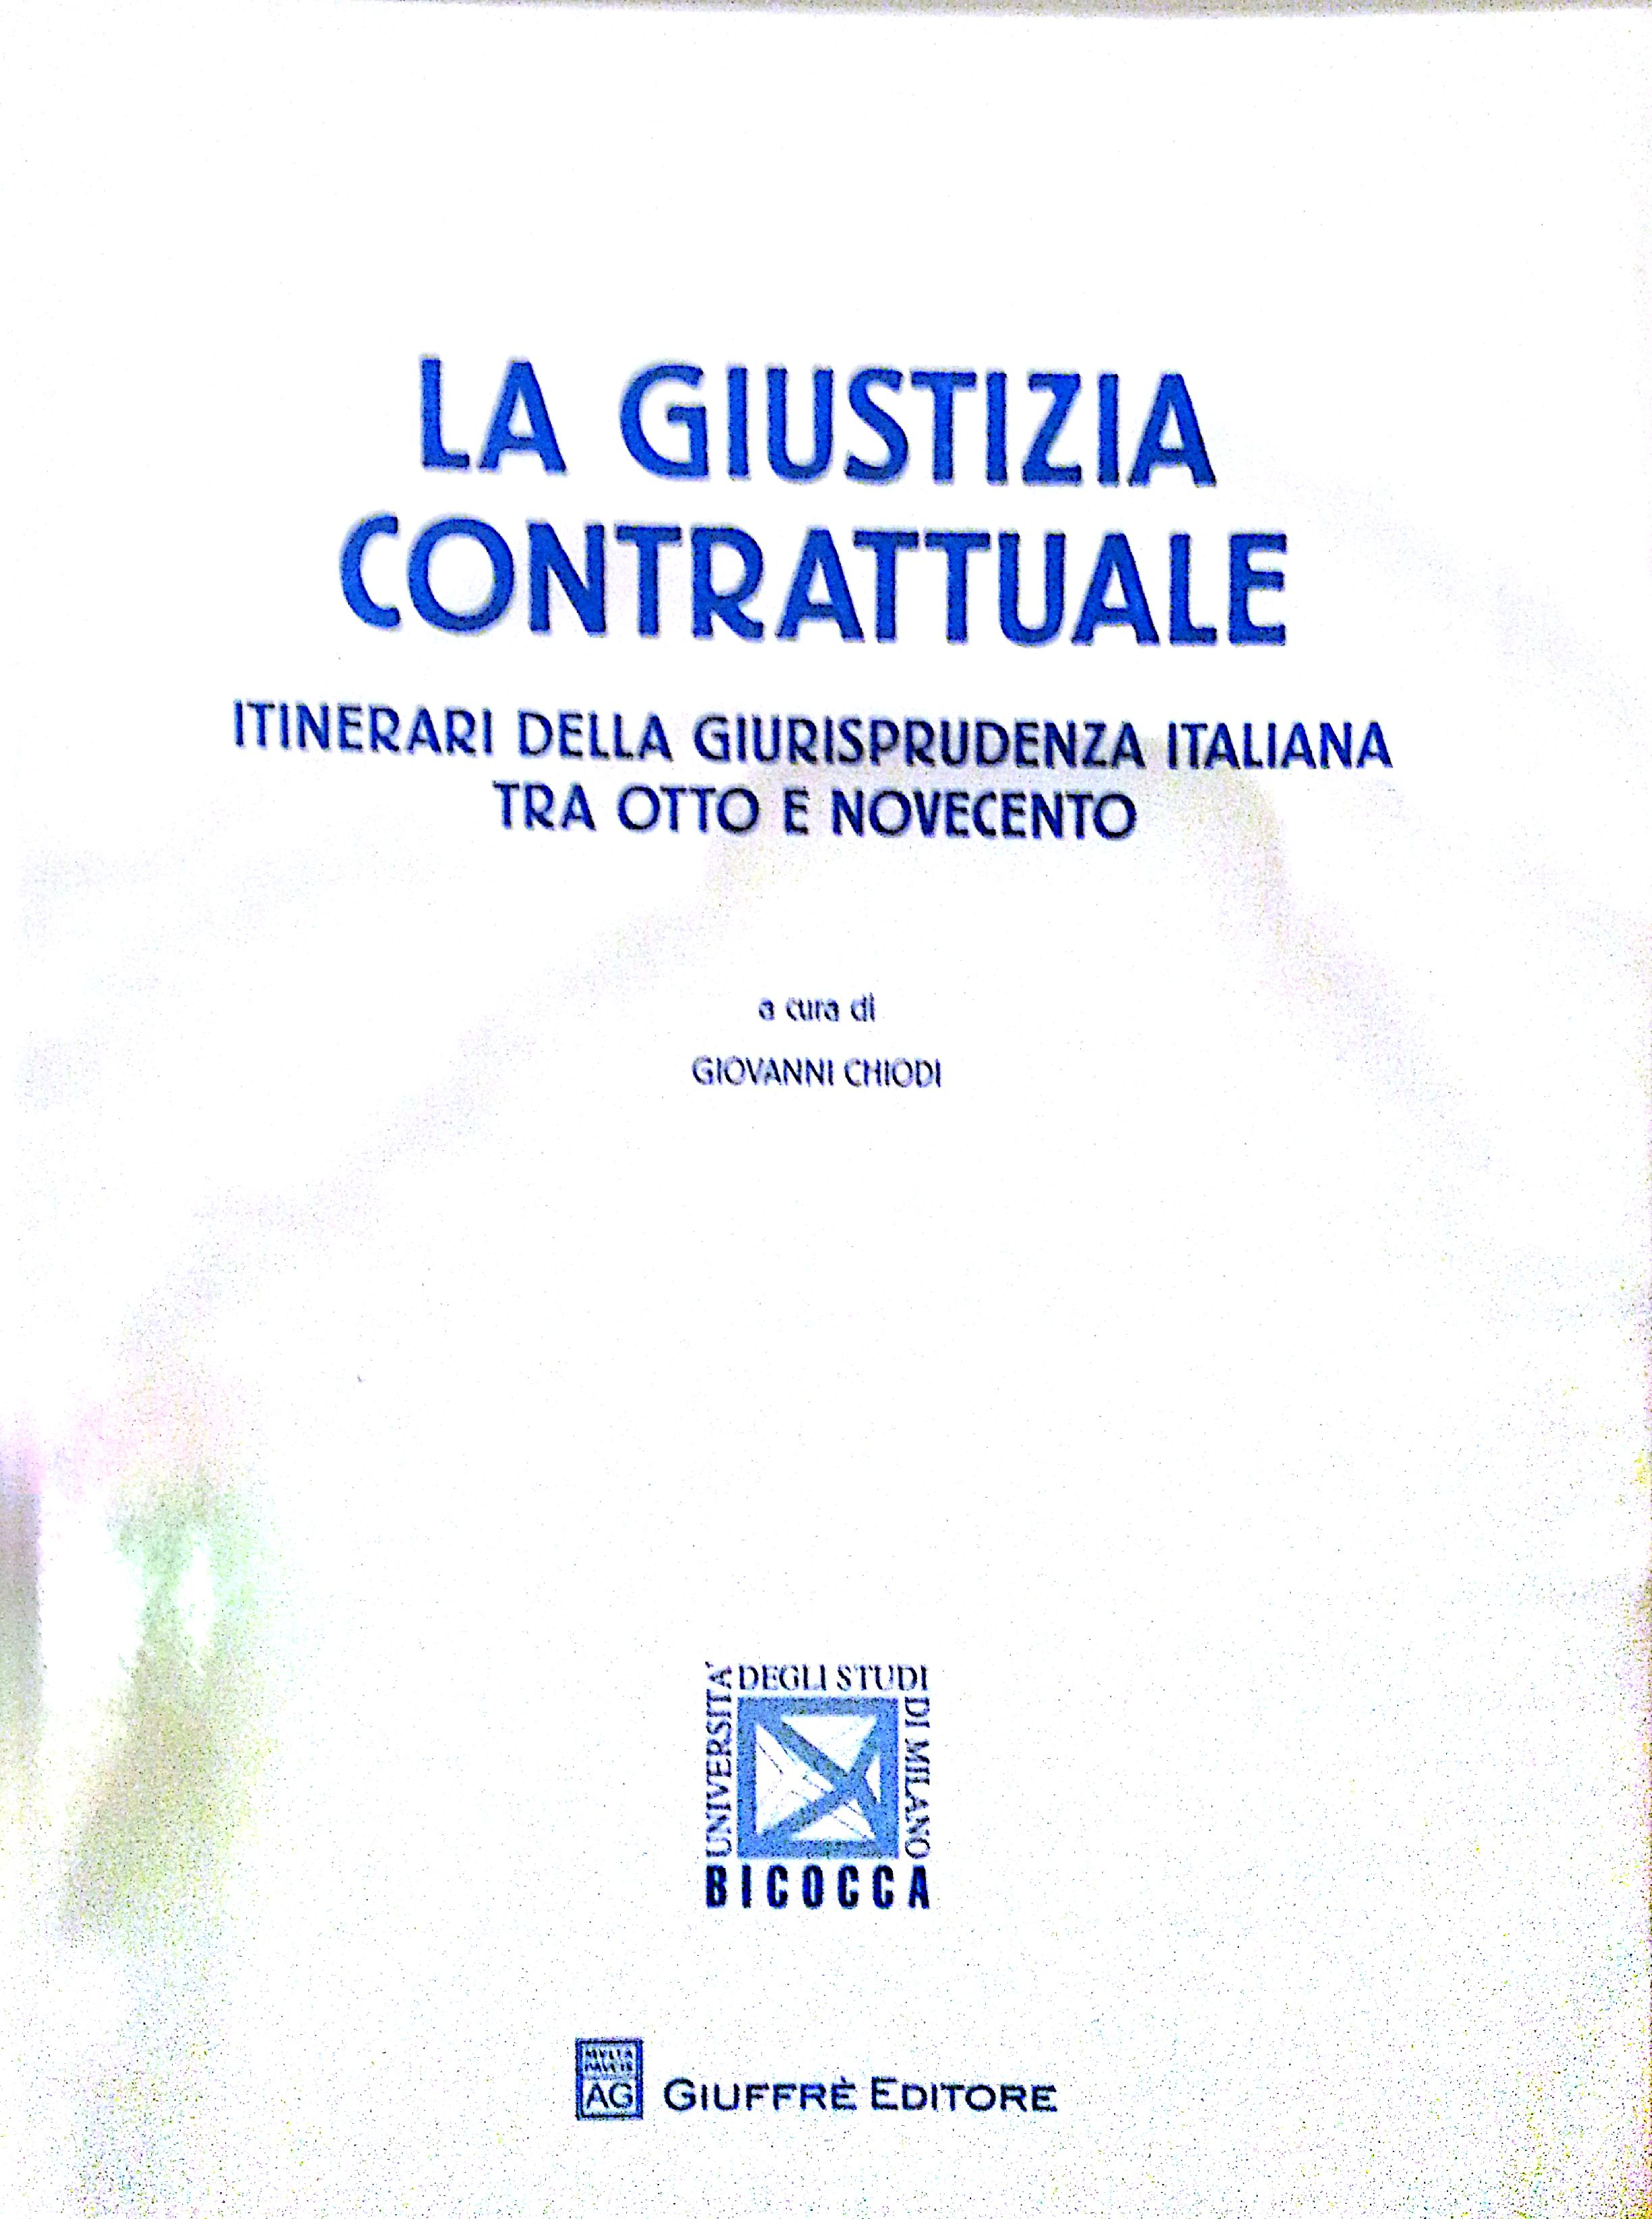 La giustizia contrattuale